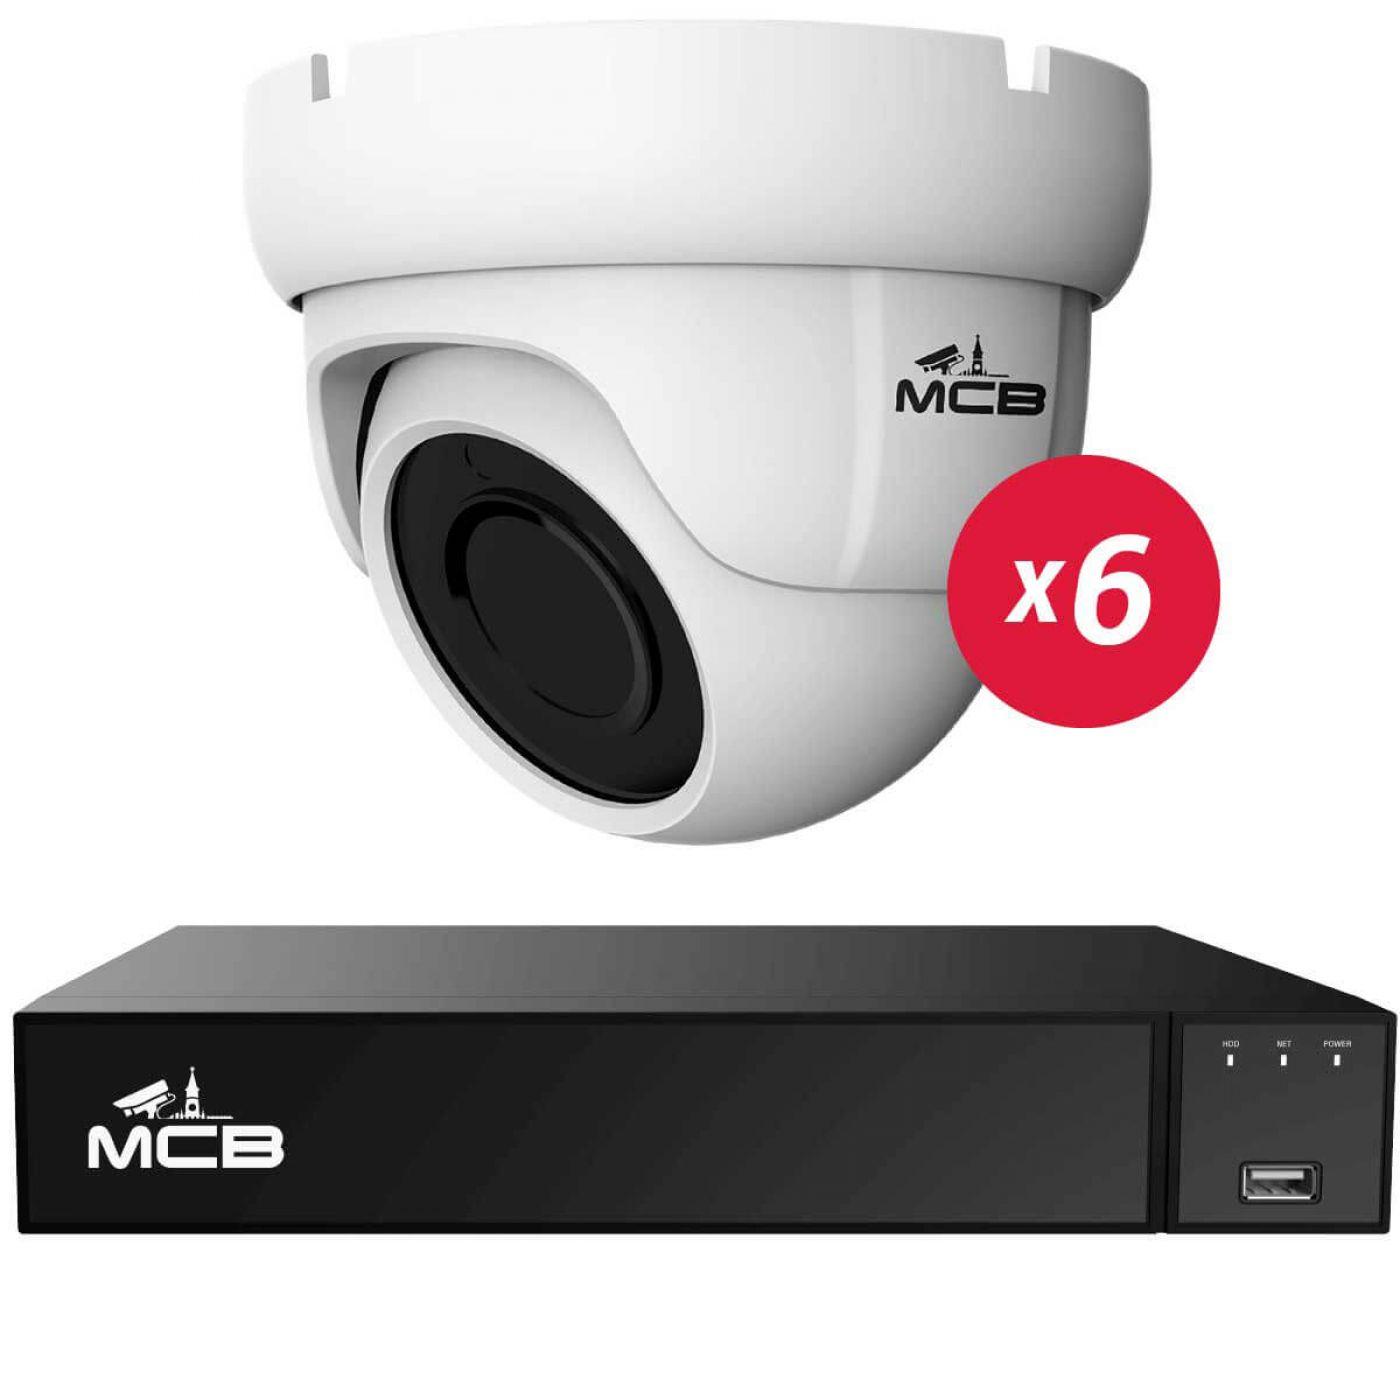 Готовый IP комплект видеонаблюдения на 6 камер для улицы 4 мегапикселя